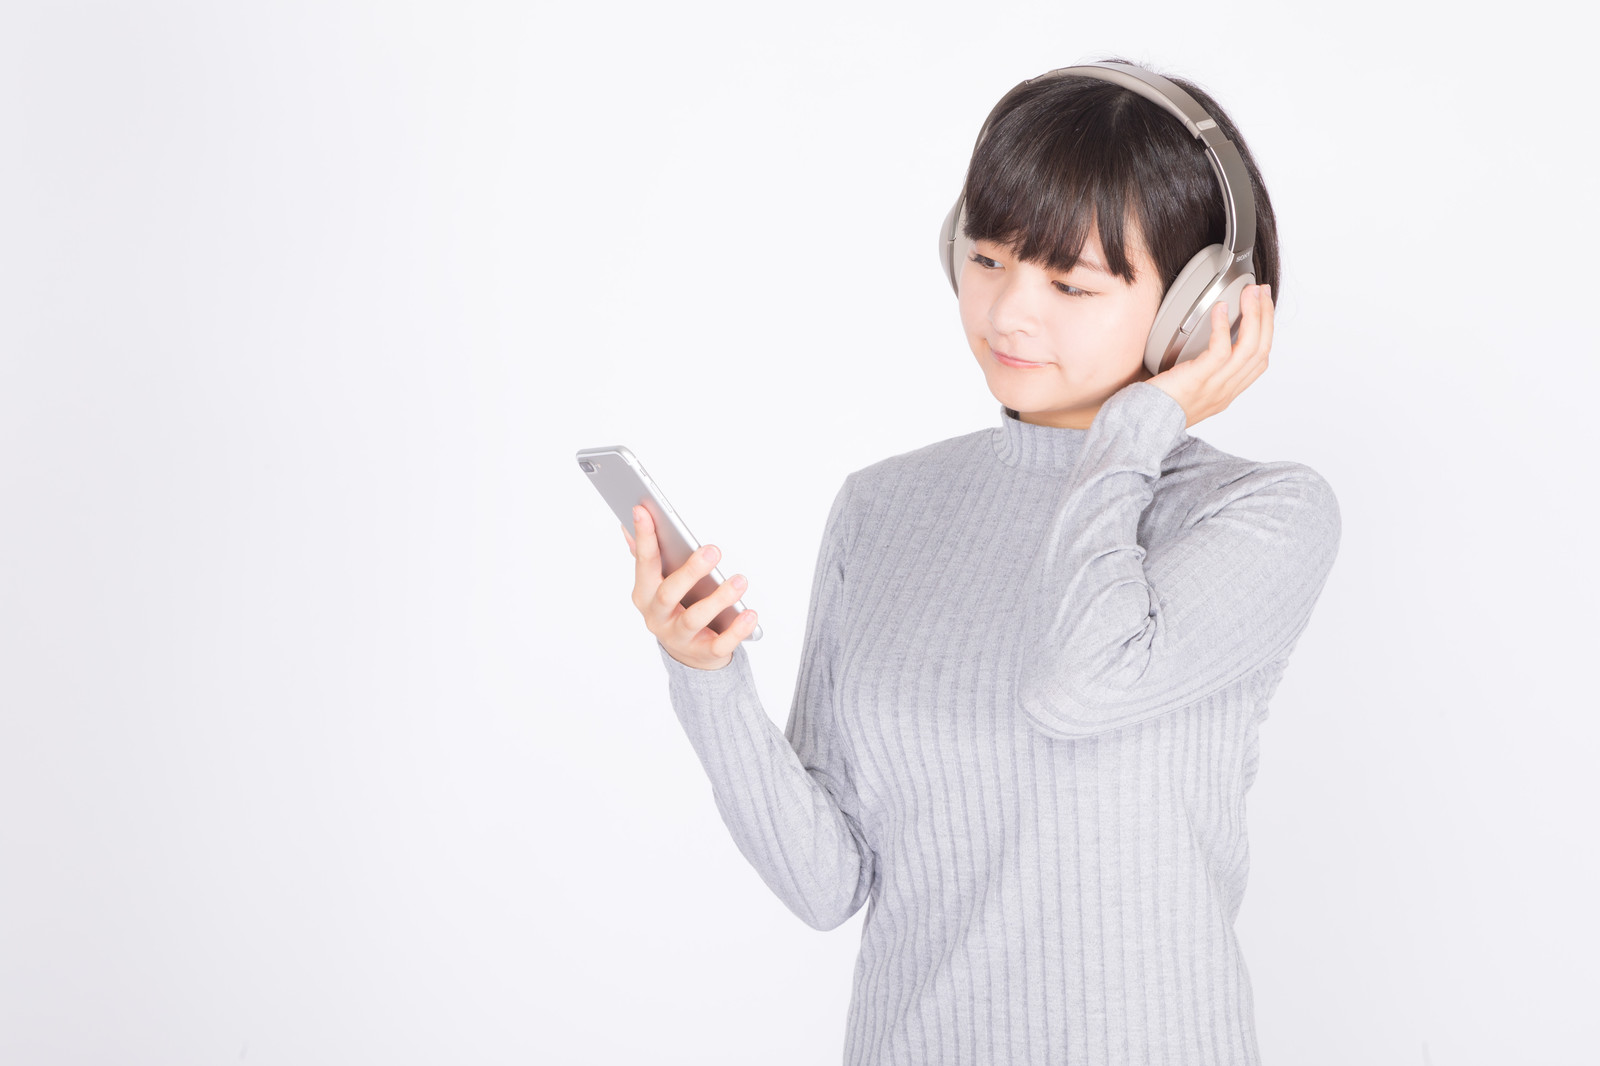 「スマホで音楽を楽しむ女性スマホで音楽を楽しむ女性」[モデル:千歳]のフリー写真素材を拡大